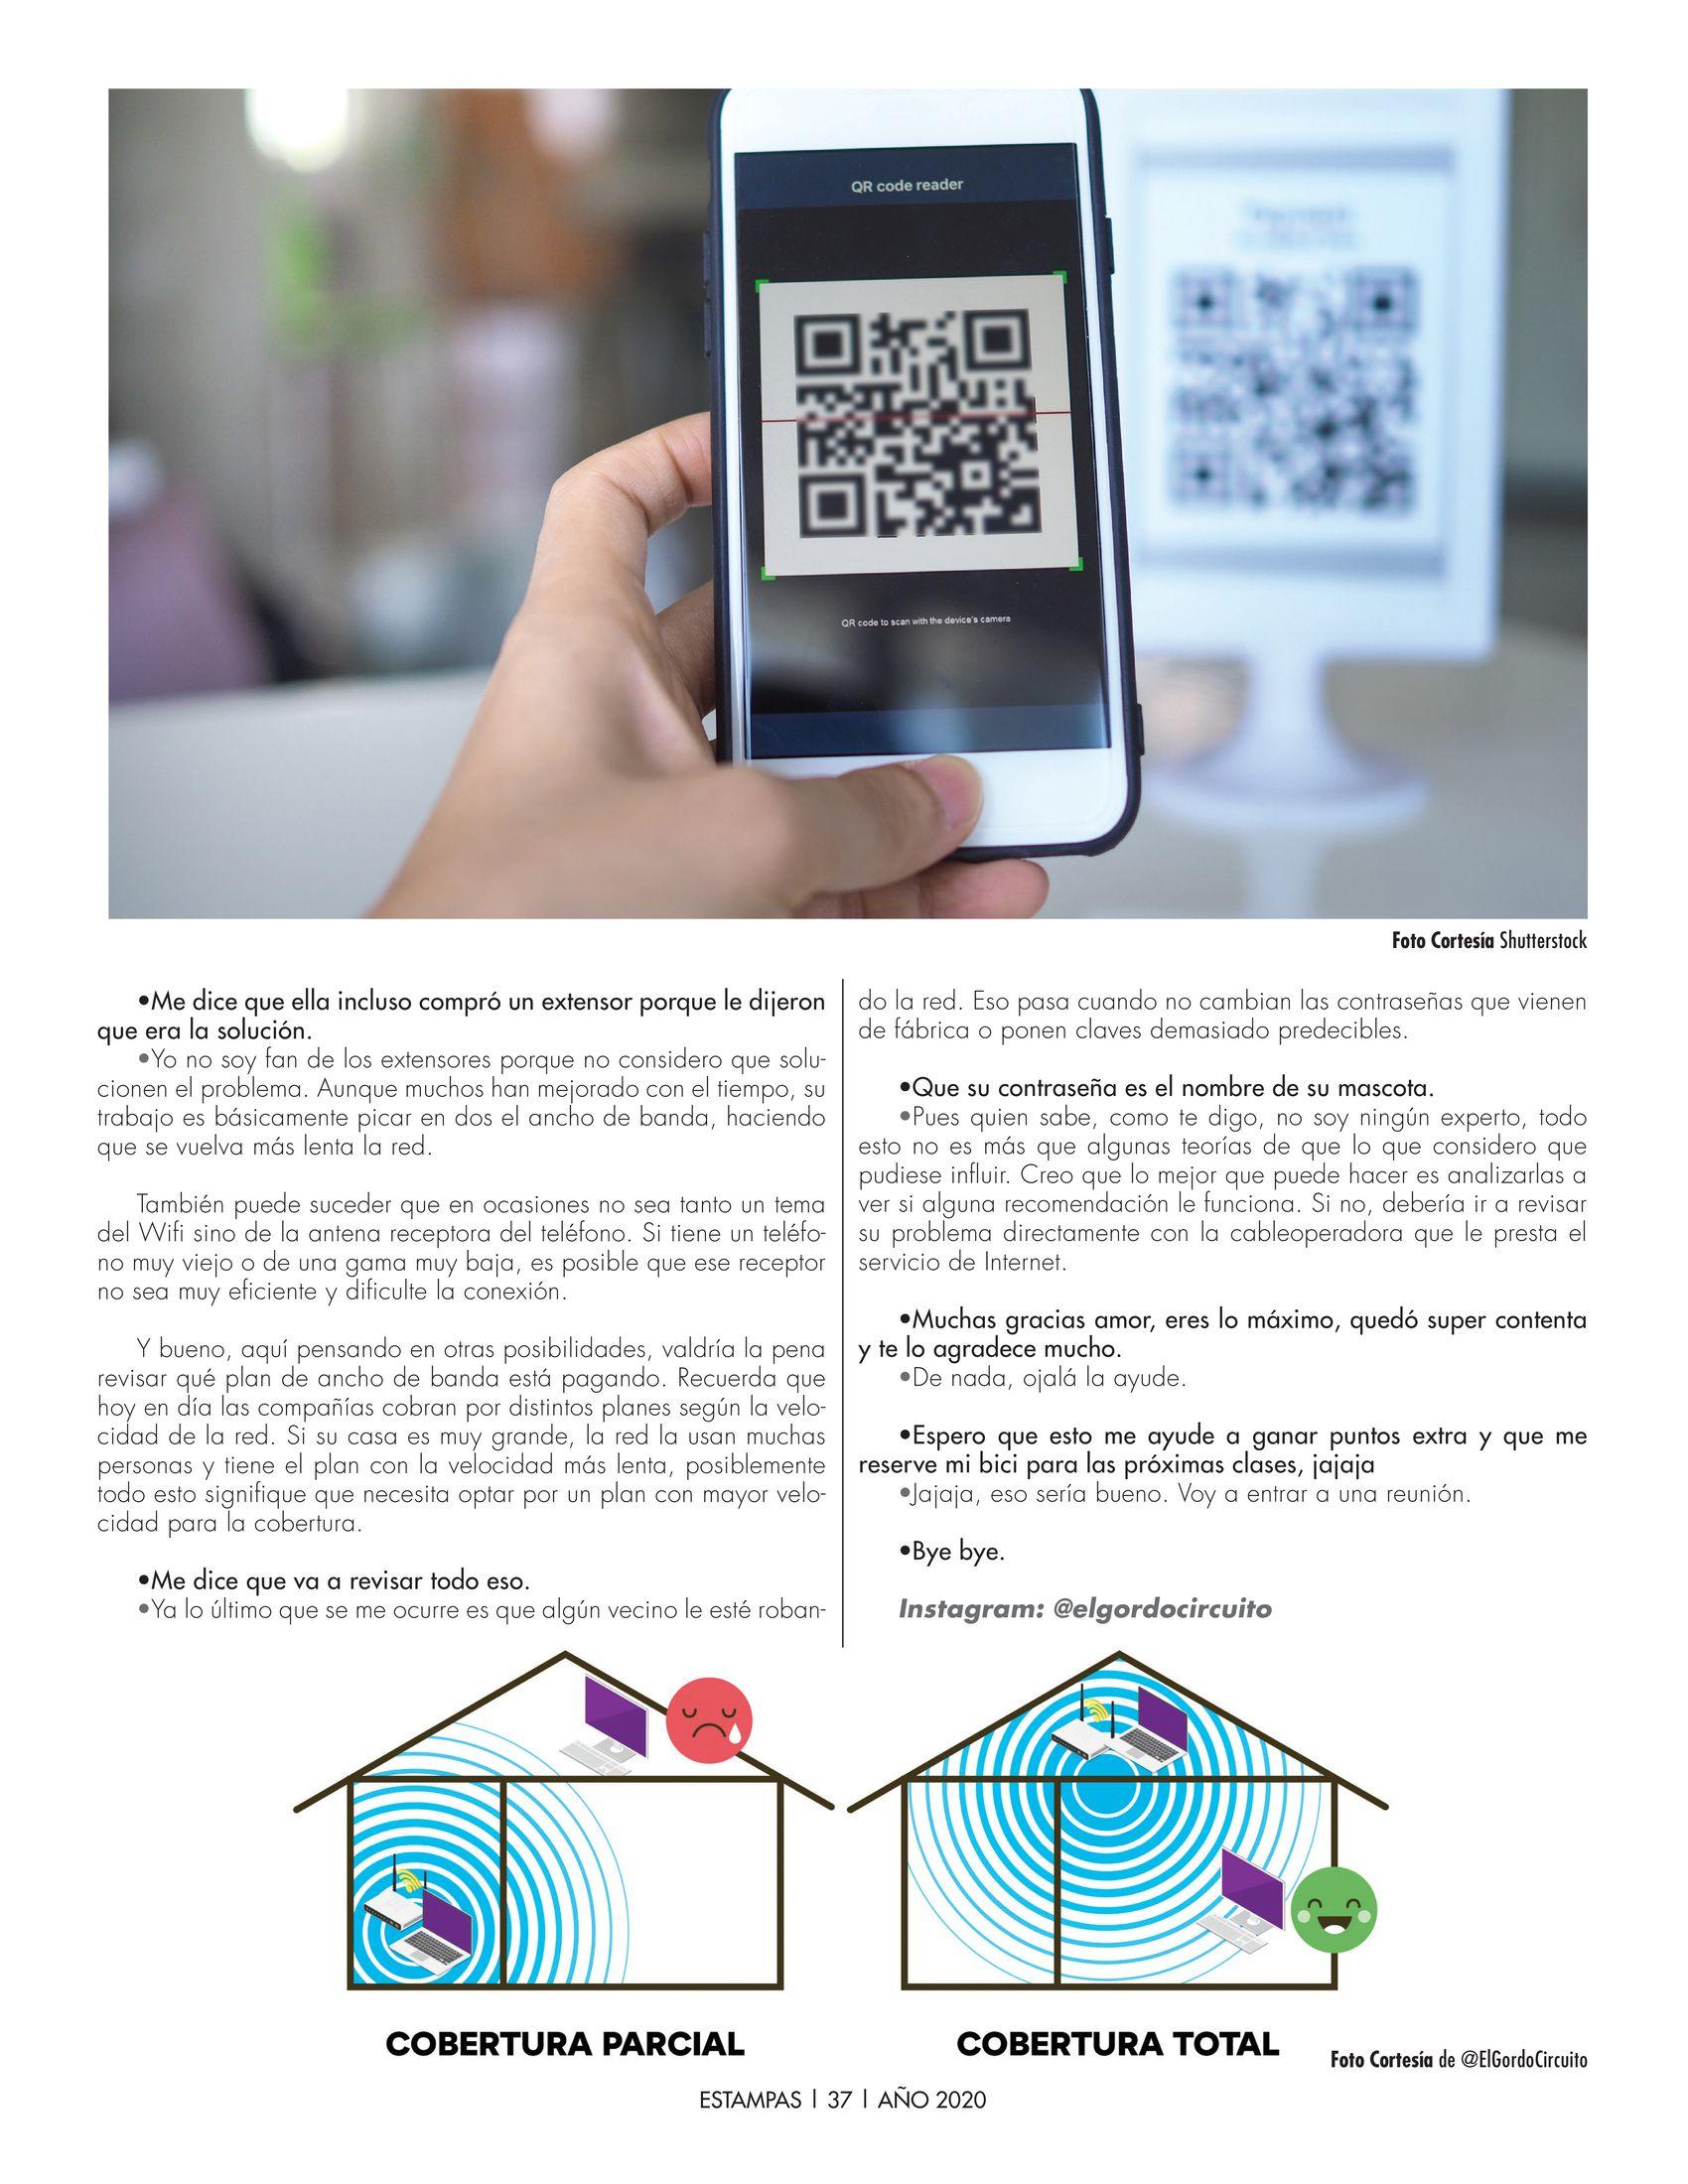 37-REV Tecnología: El Chat de @ElGordoCircuito -  Mitos verdades y consejos sobre el Wifi